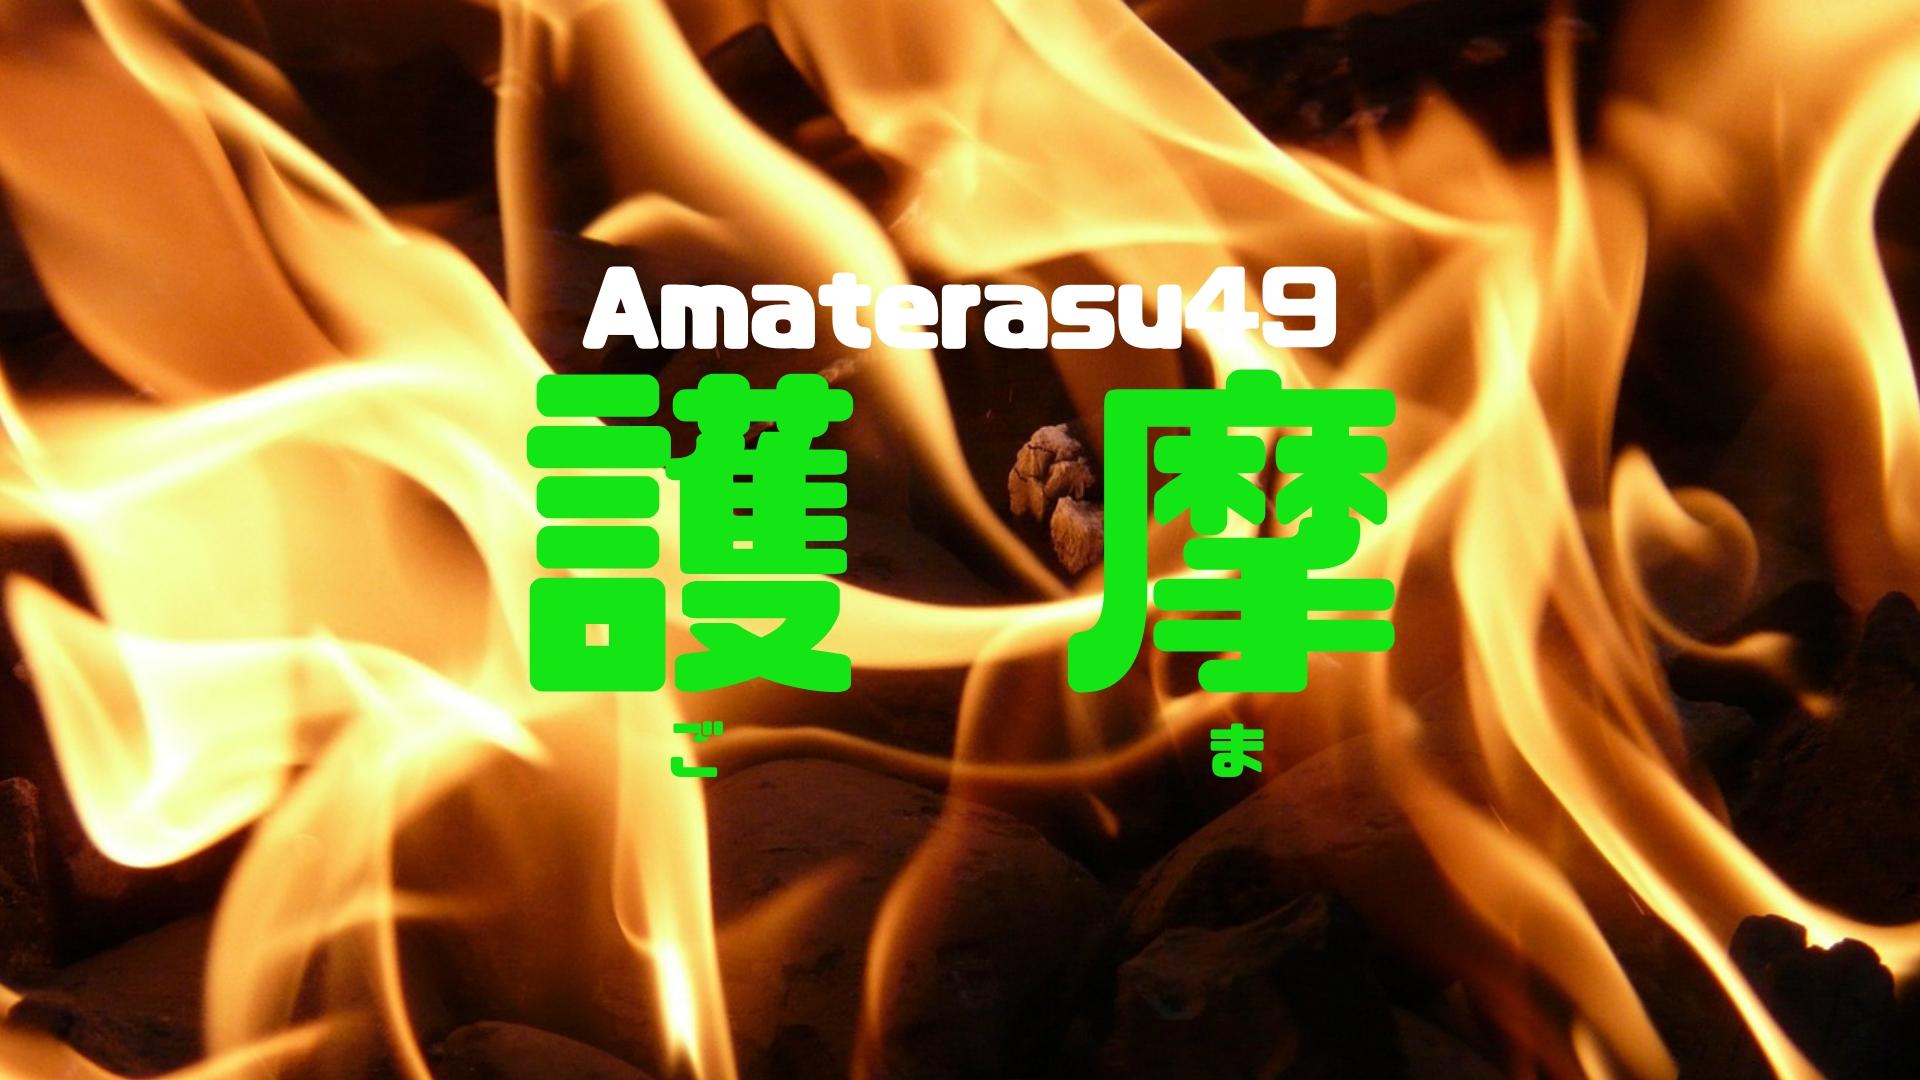 護摩とは何?火を用いる儀式の正しい意味を解説